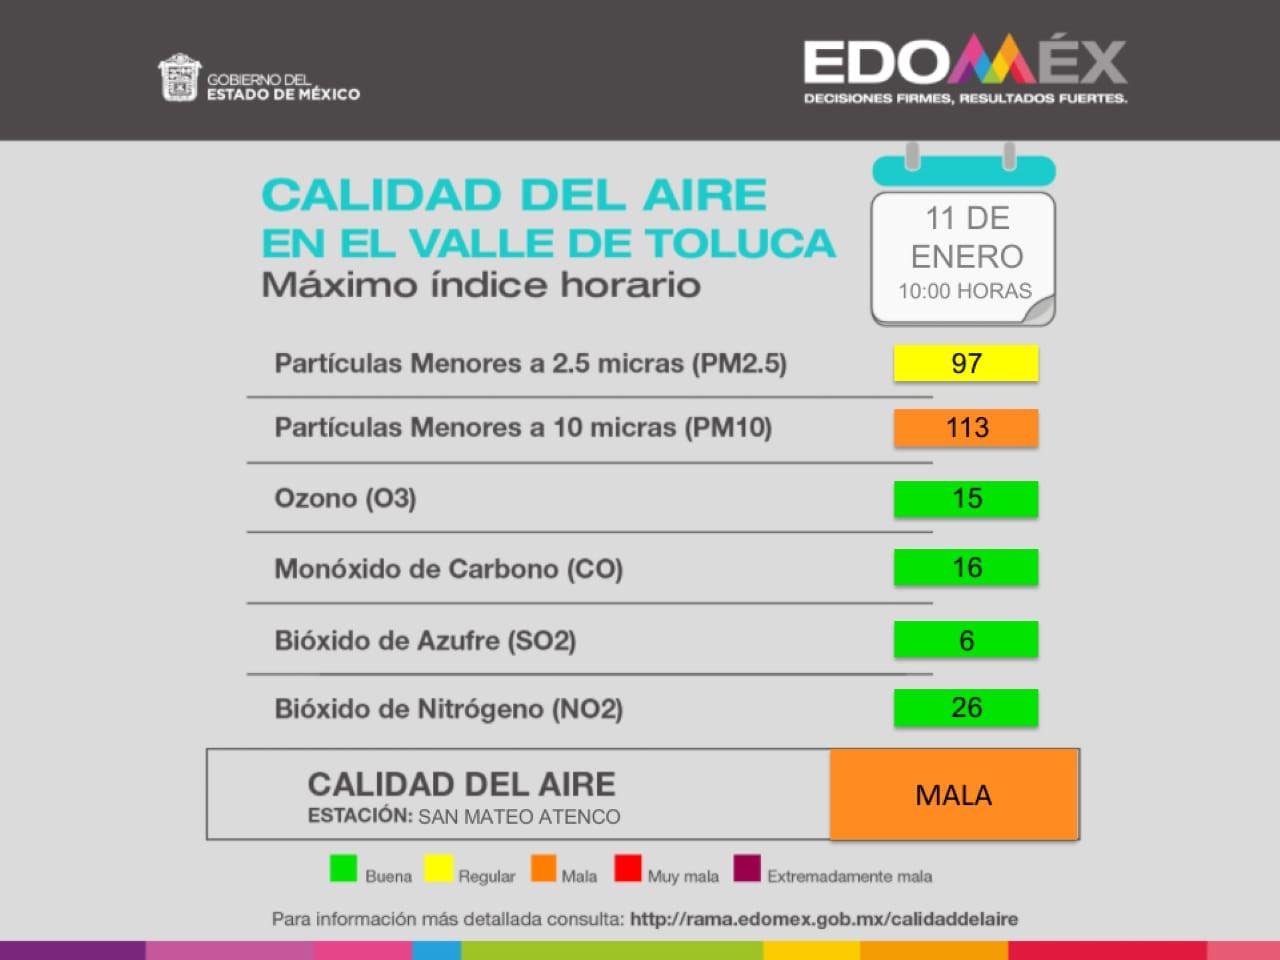 Reportan-MALA-Calidad-de-Aire-en-el-Valle-de-Toluca